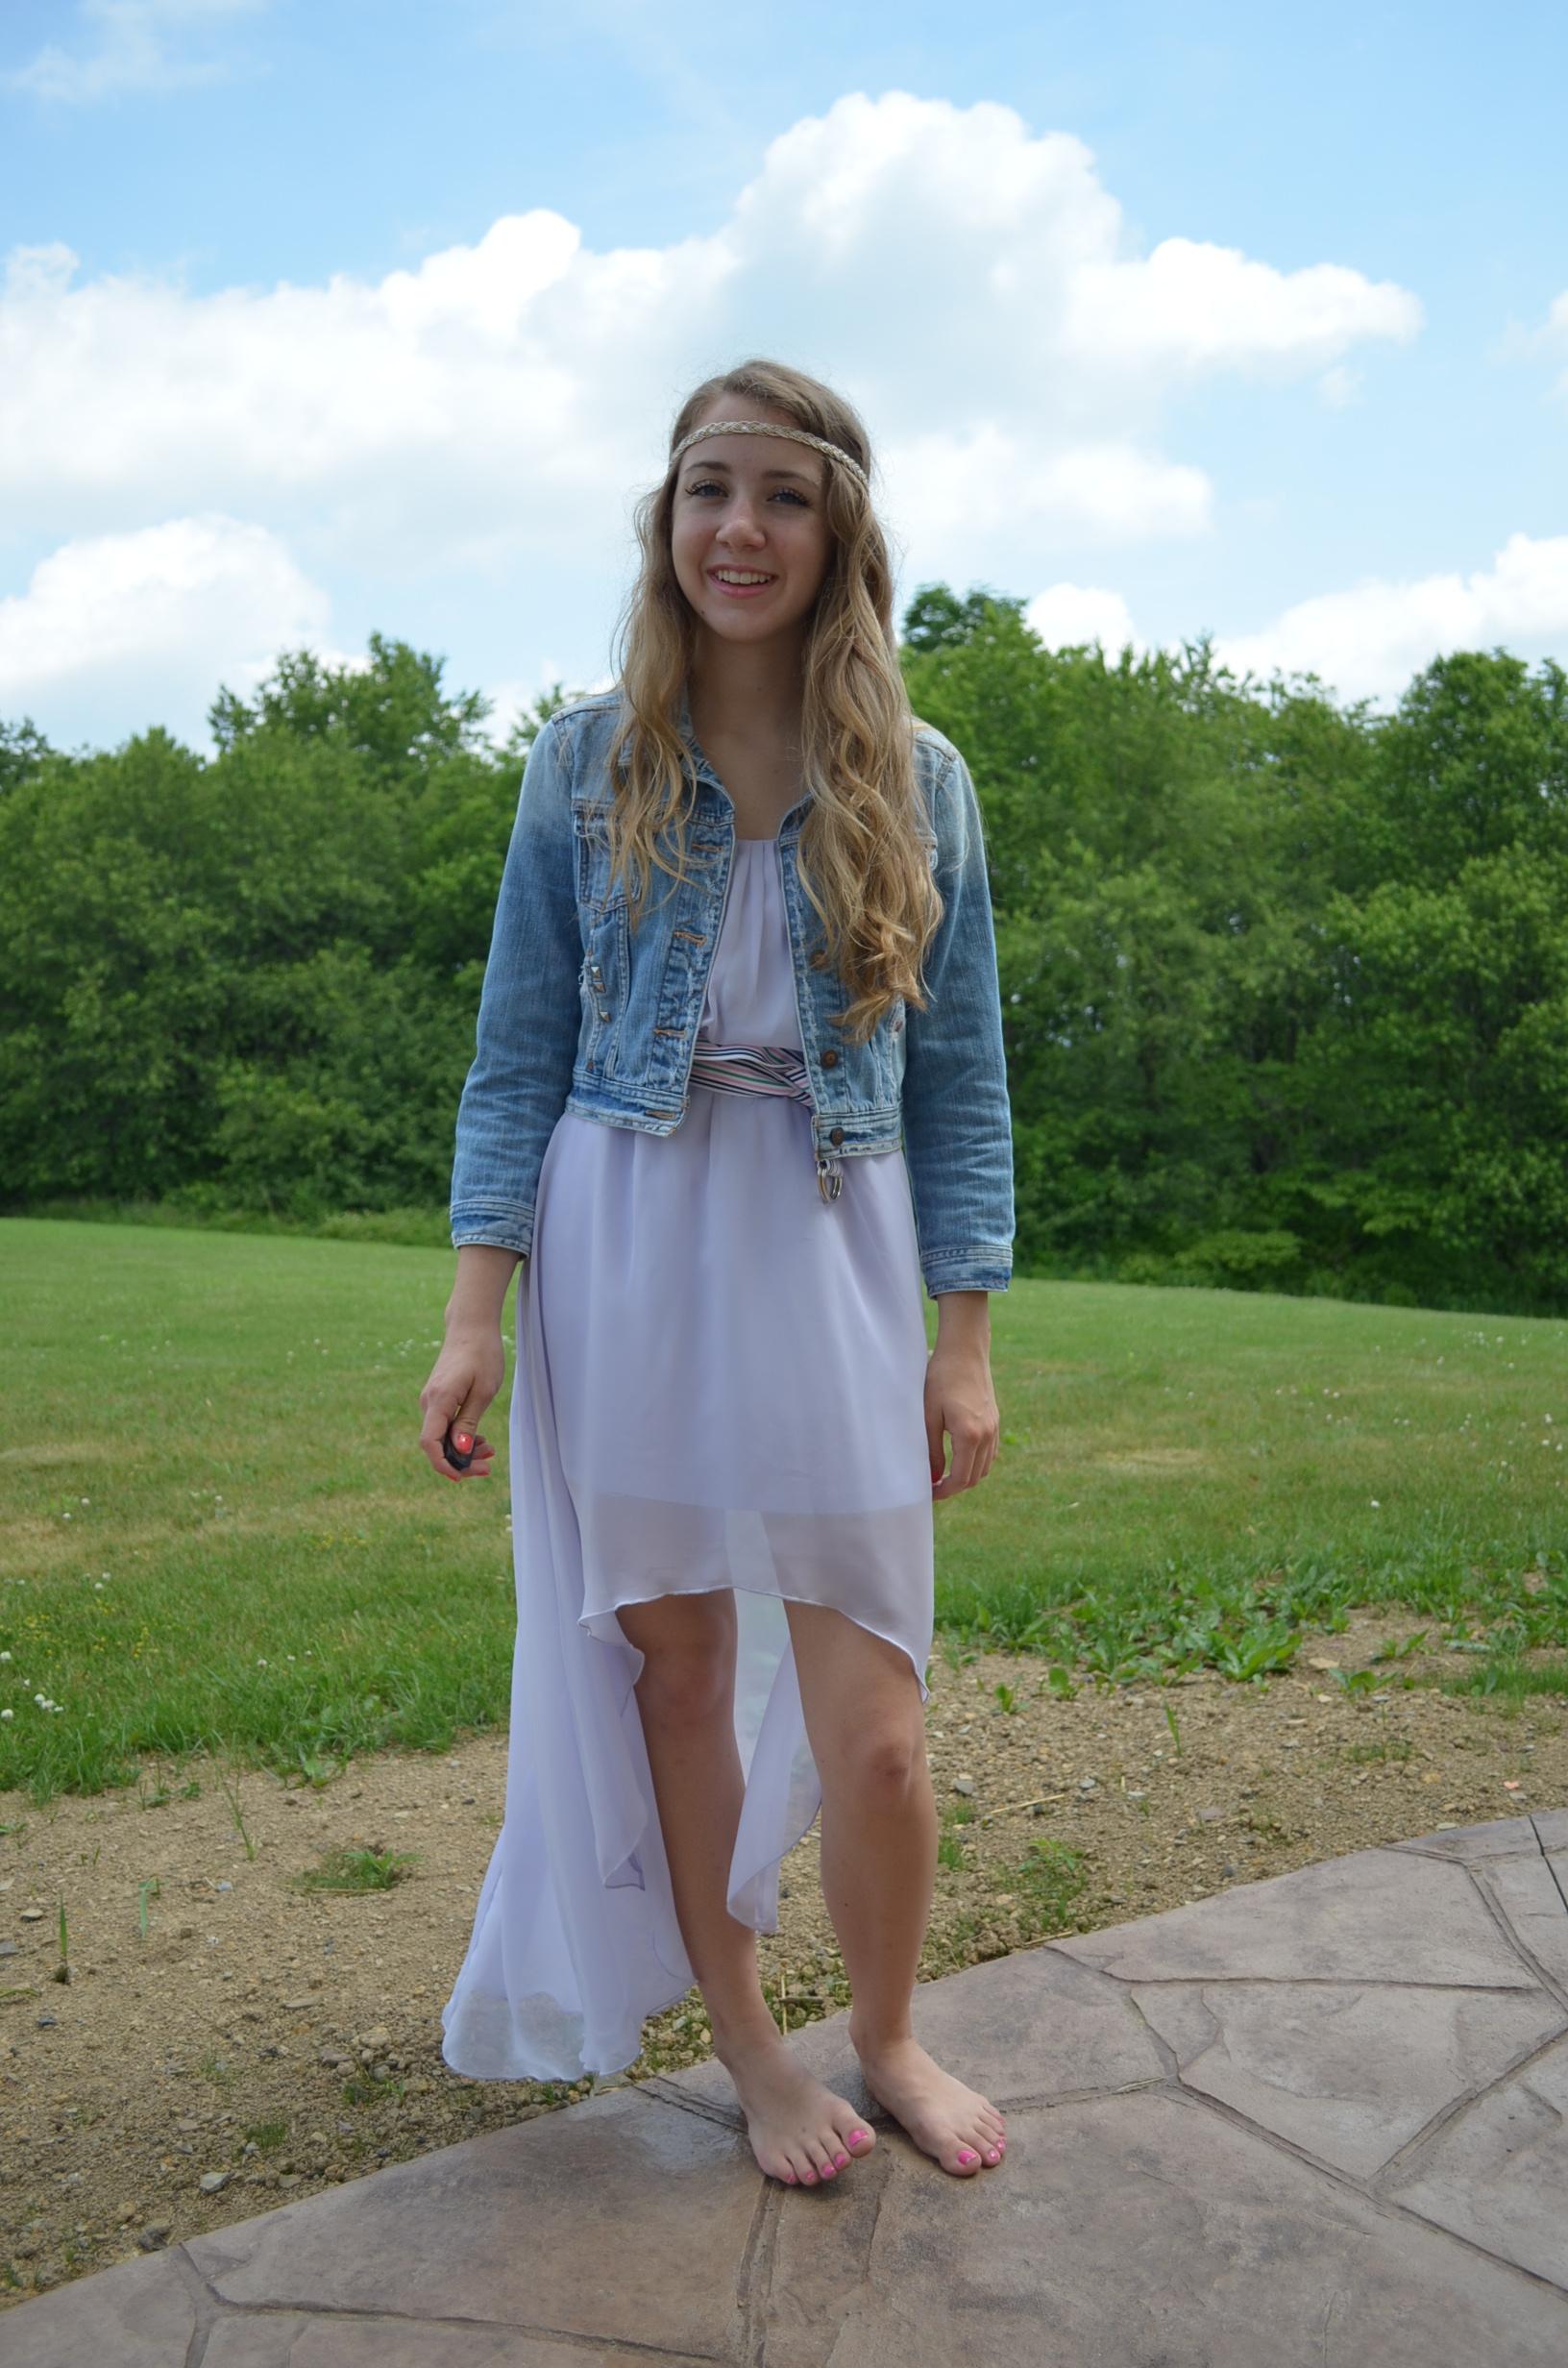 photo How to Dress Like a Hippie